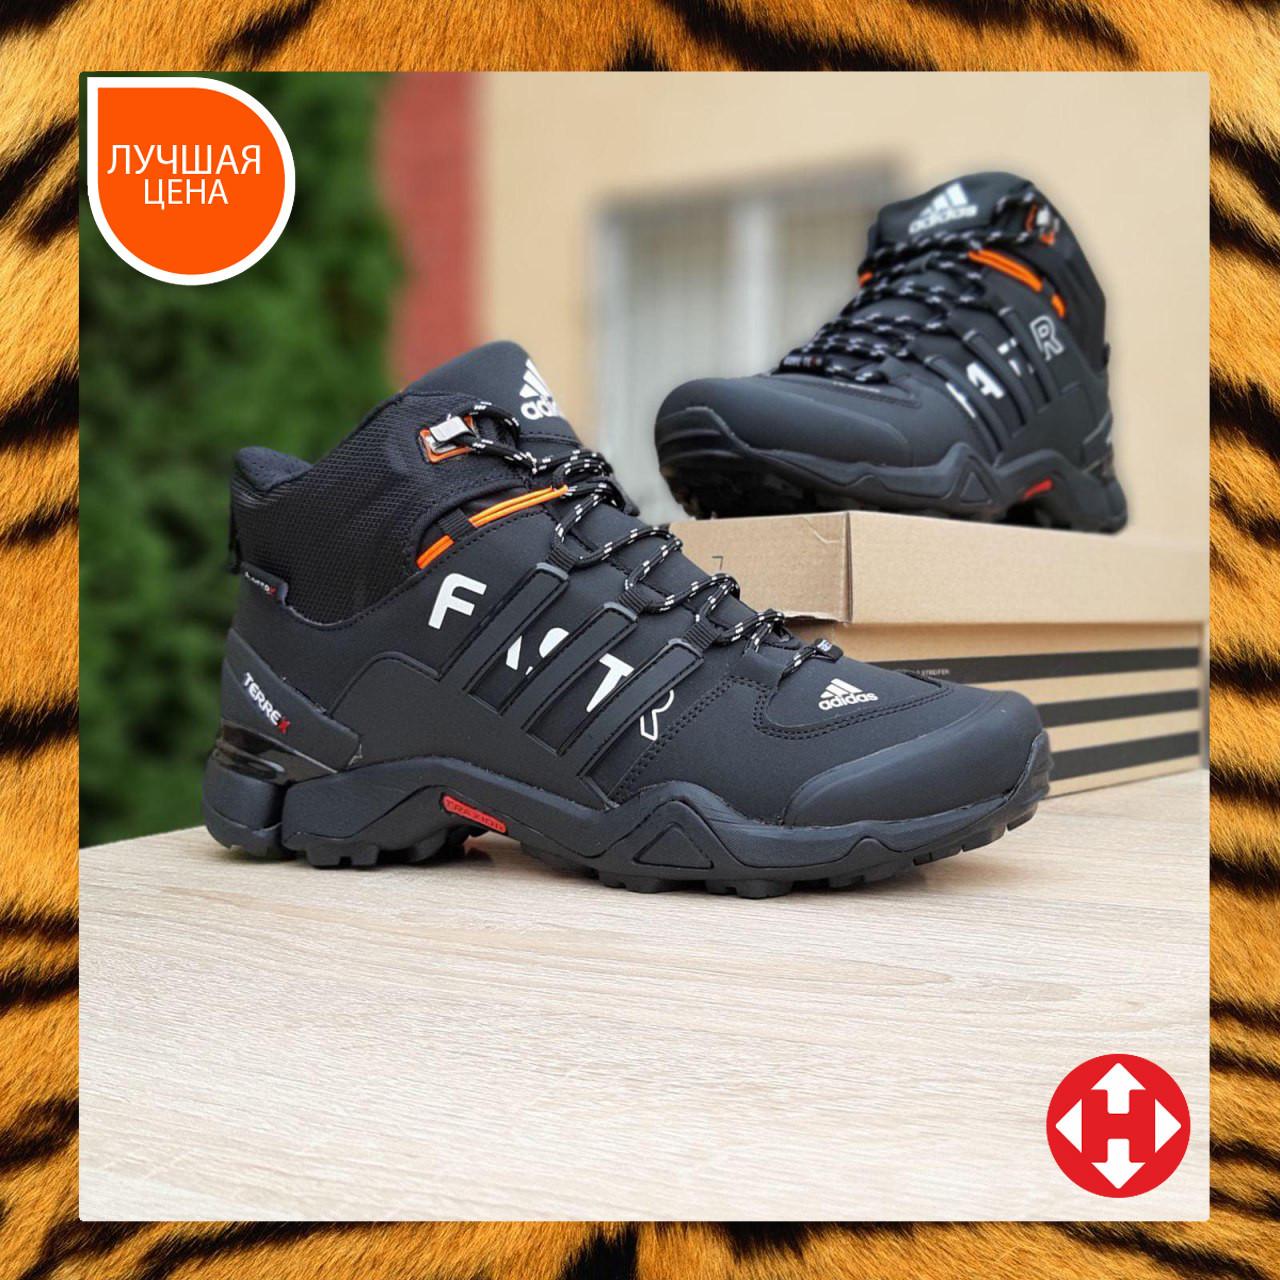 🔥 Кроссовки ботинки мужские зимние Adidas FASTR черные с оранжевым Нубук теплые на меху меховые